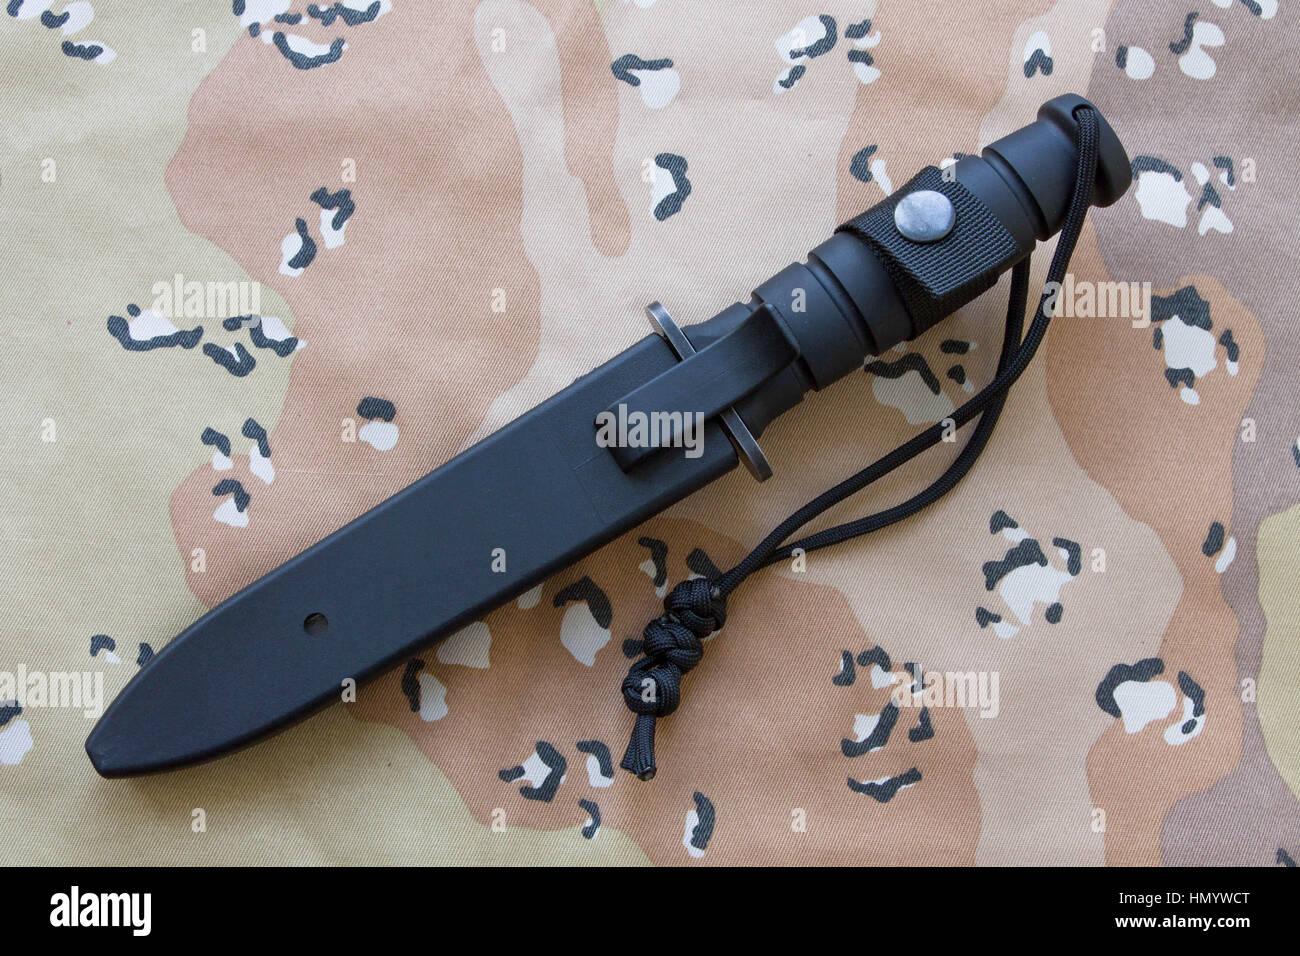 Couteau tactique dans un cas sur le sable camouflage. Le couteau pour l'armée. Photo Stock